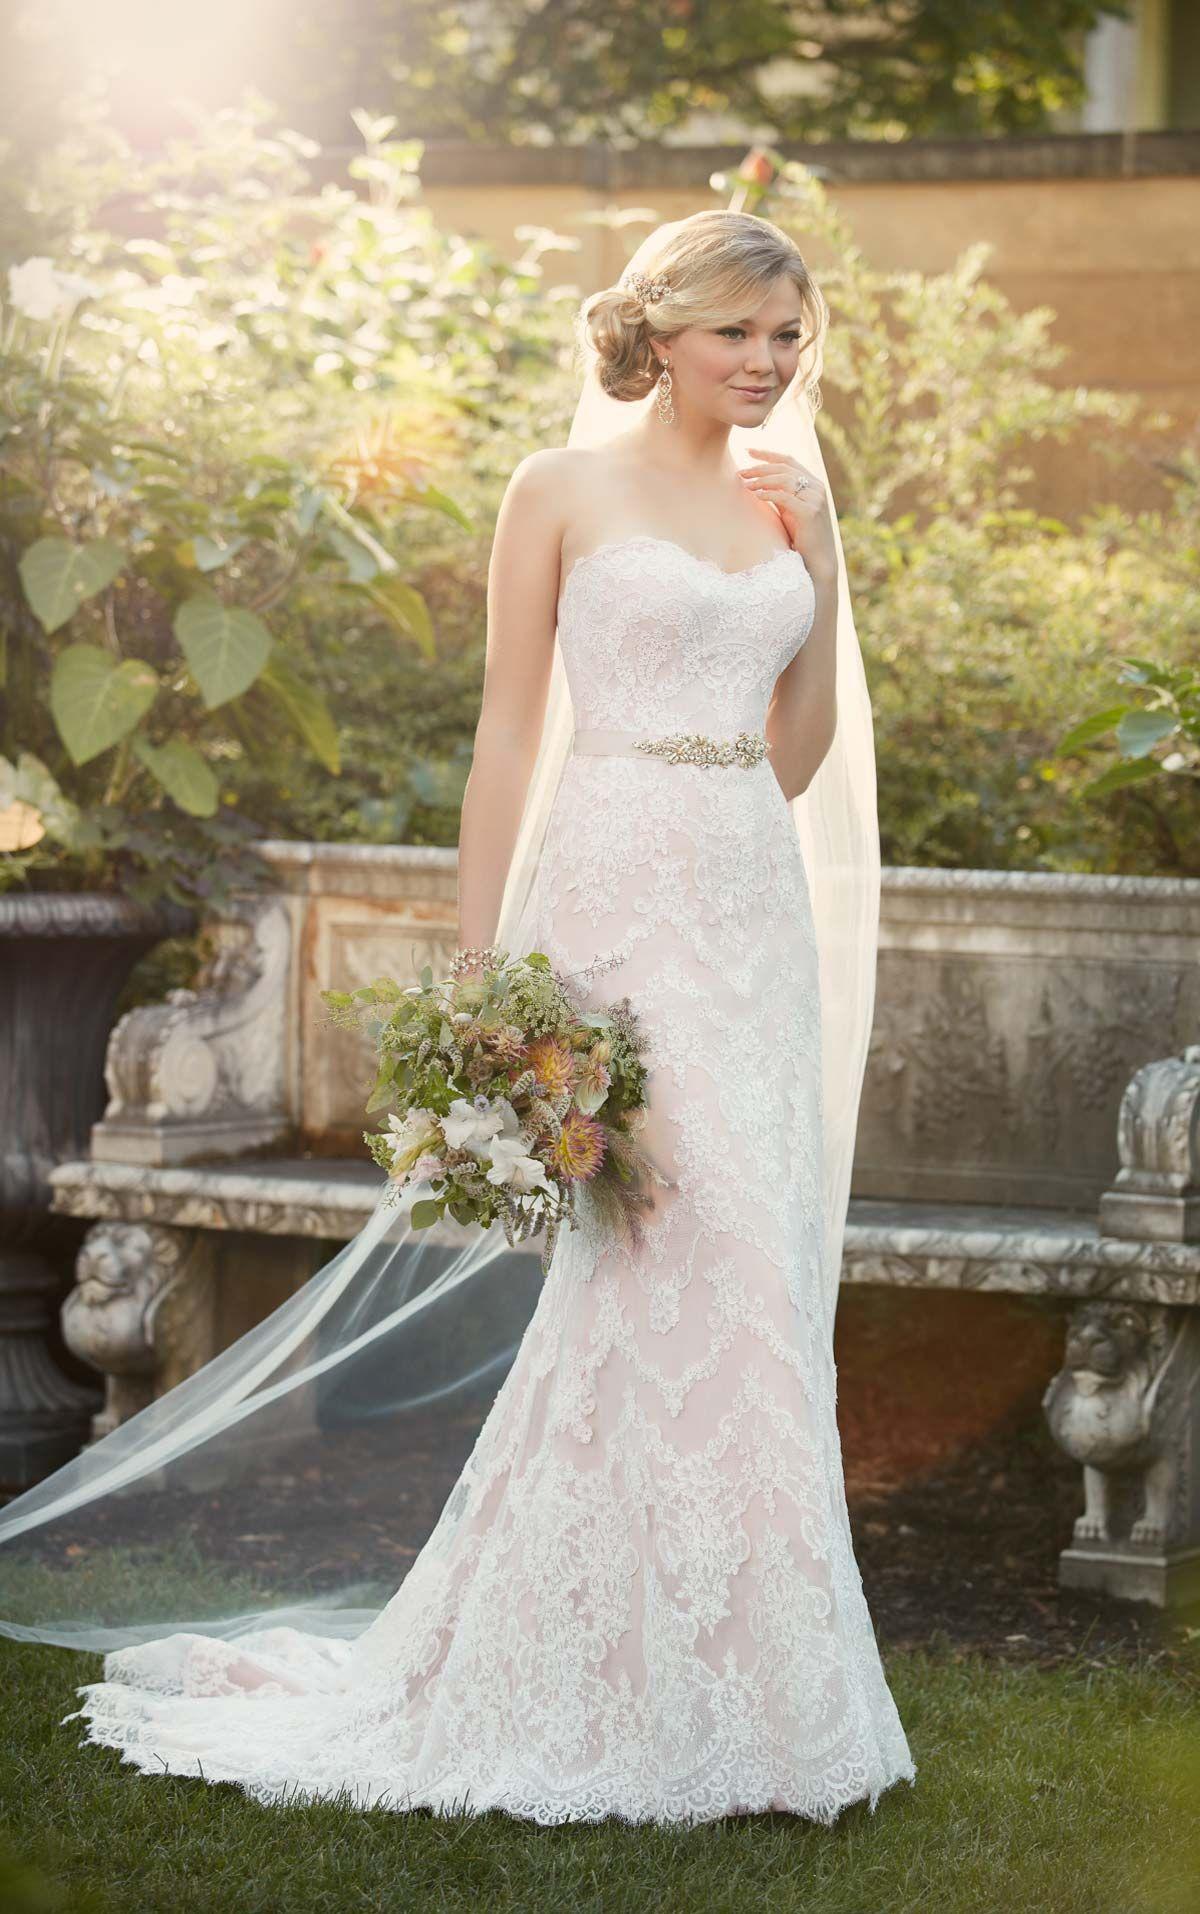 Schmales Hochzeitskleid I   Schmal, Hochzeitskleid und Matt